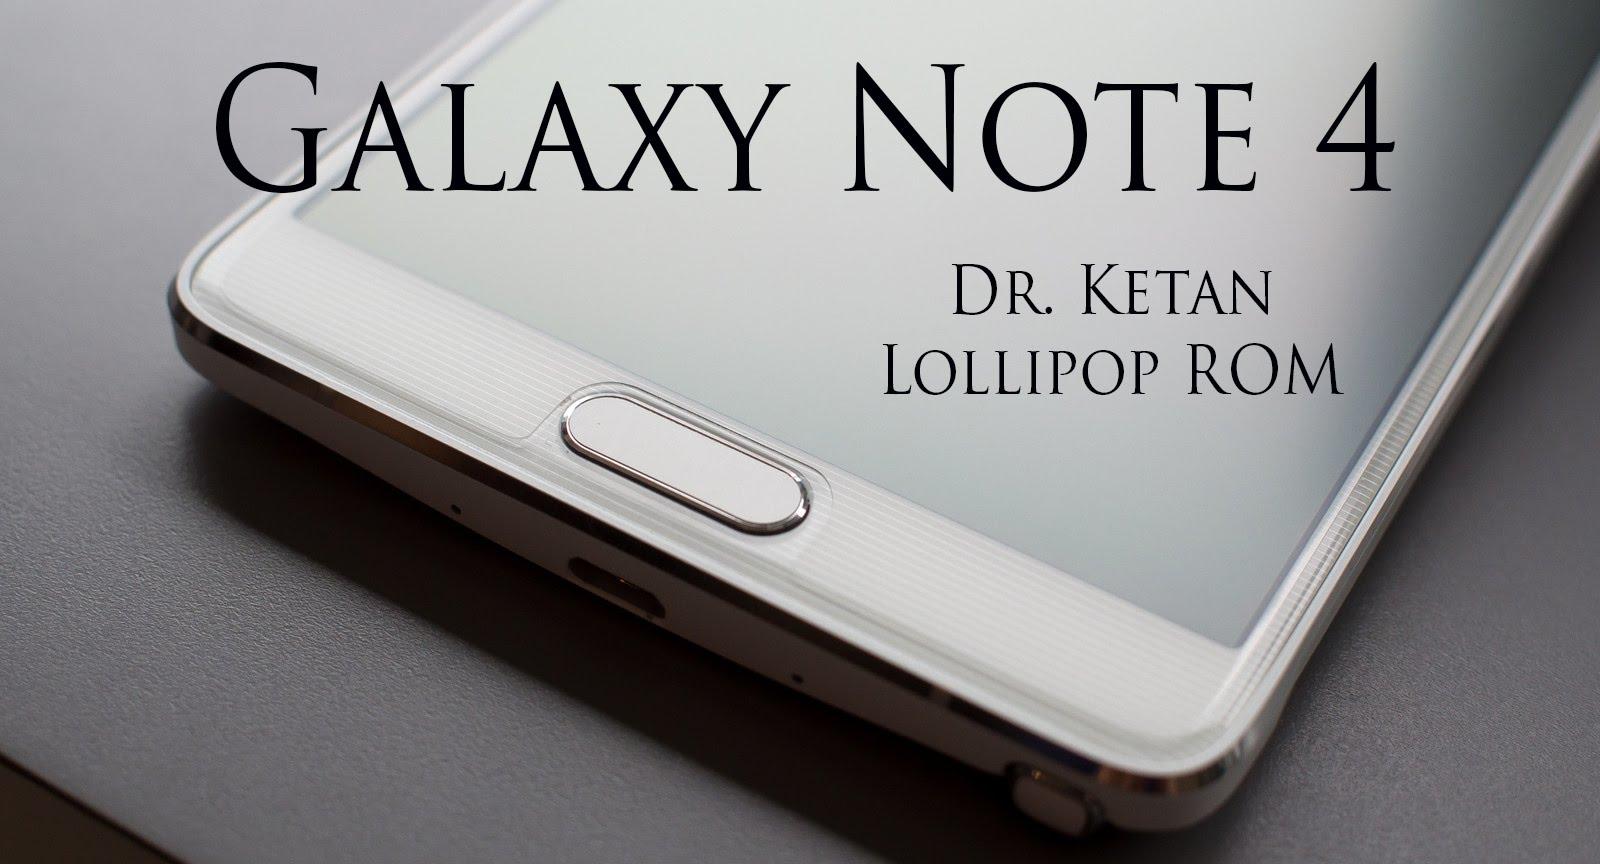 Photo of روم Dr.Ketan's اندرويد لوليبوب 5.1.1 للجالكسي نوت 4 [N910H,N910C]